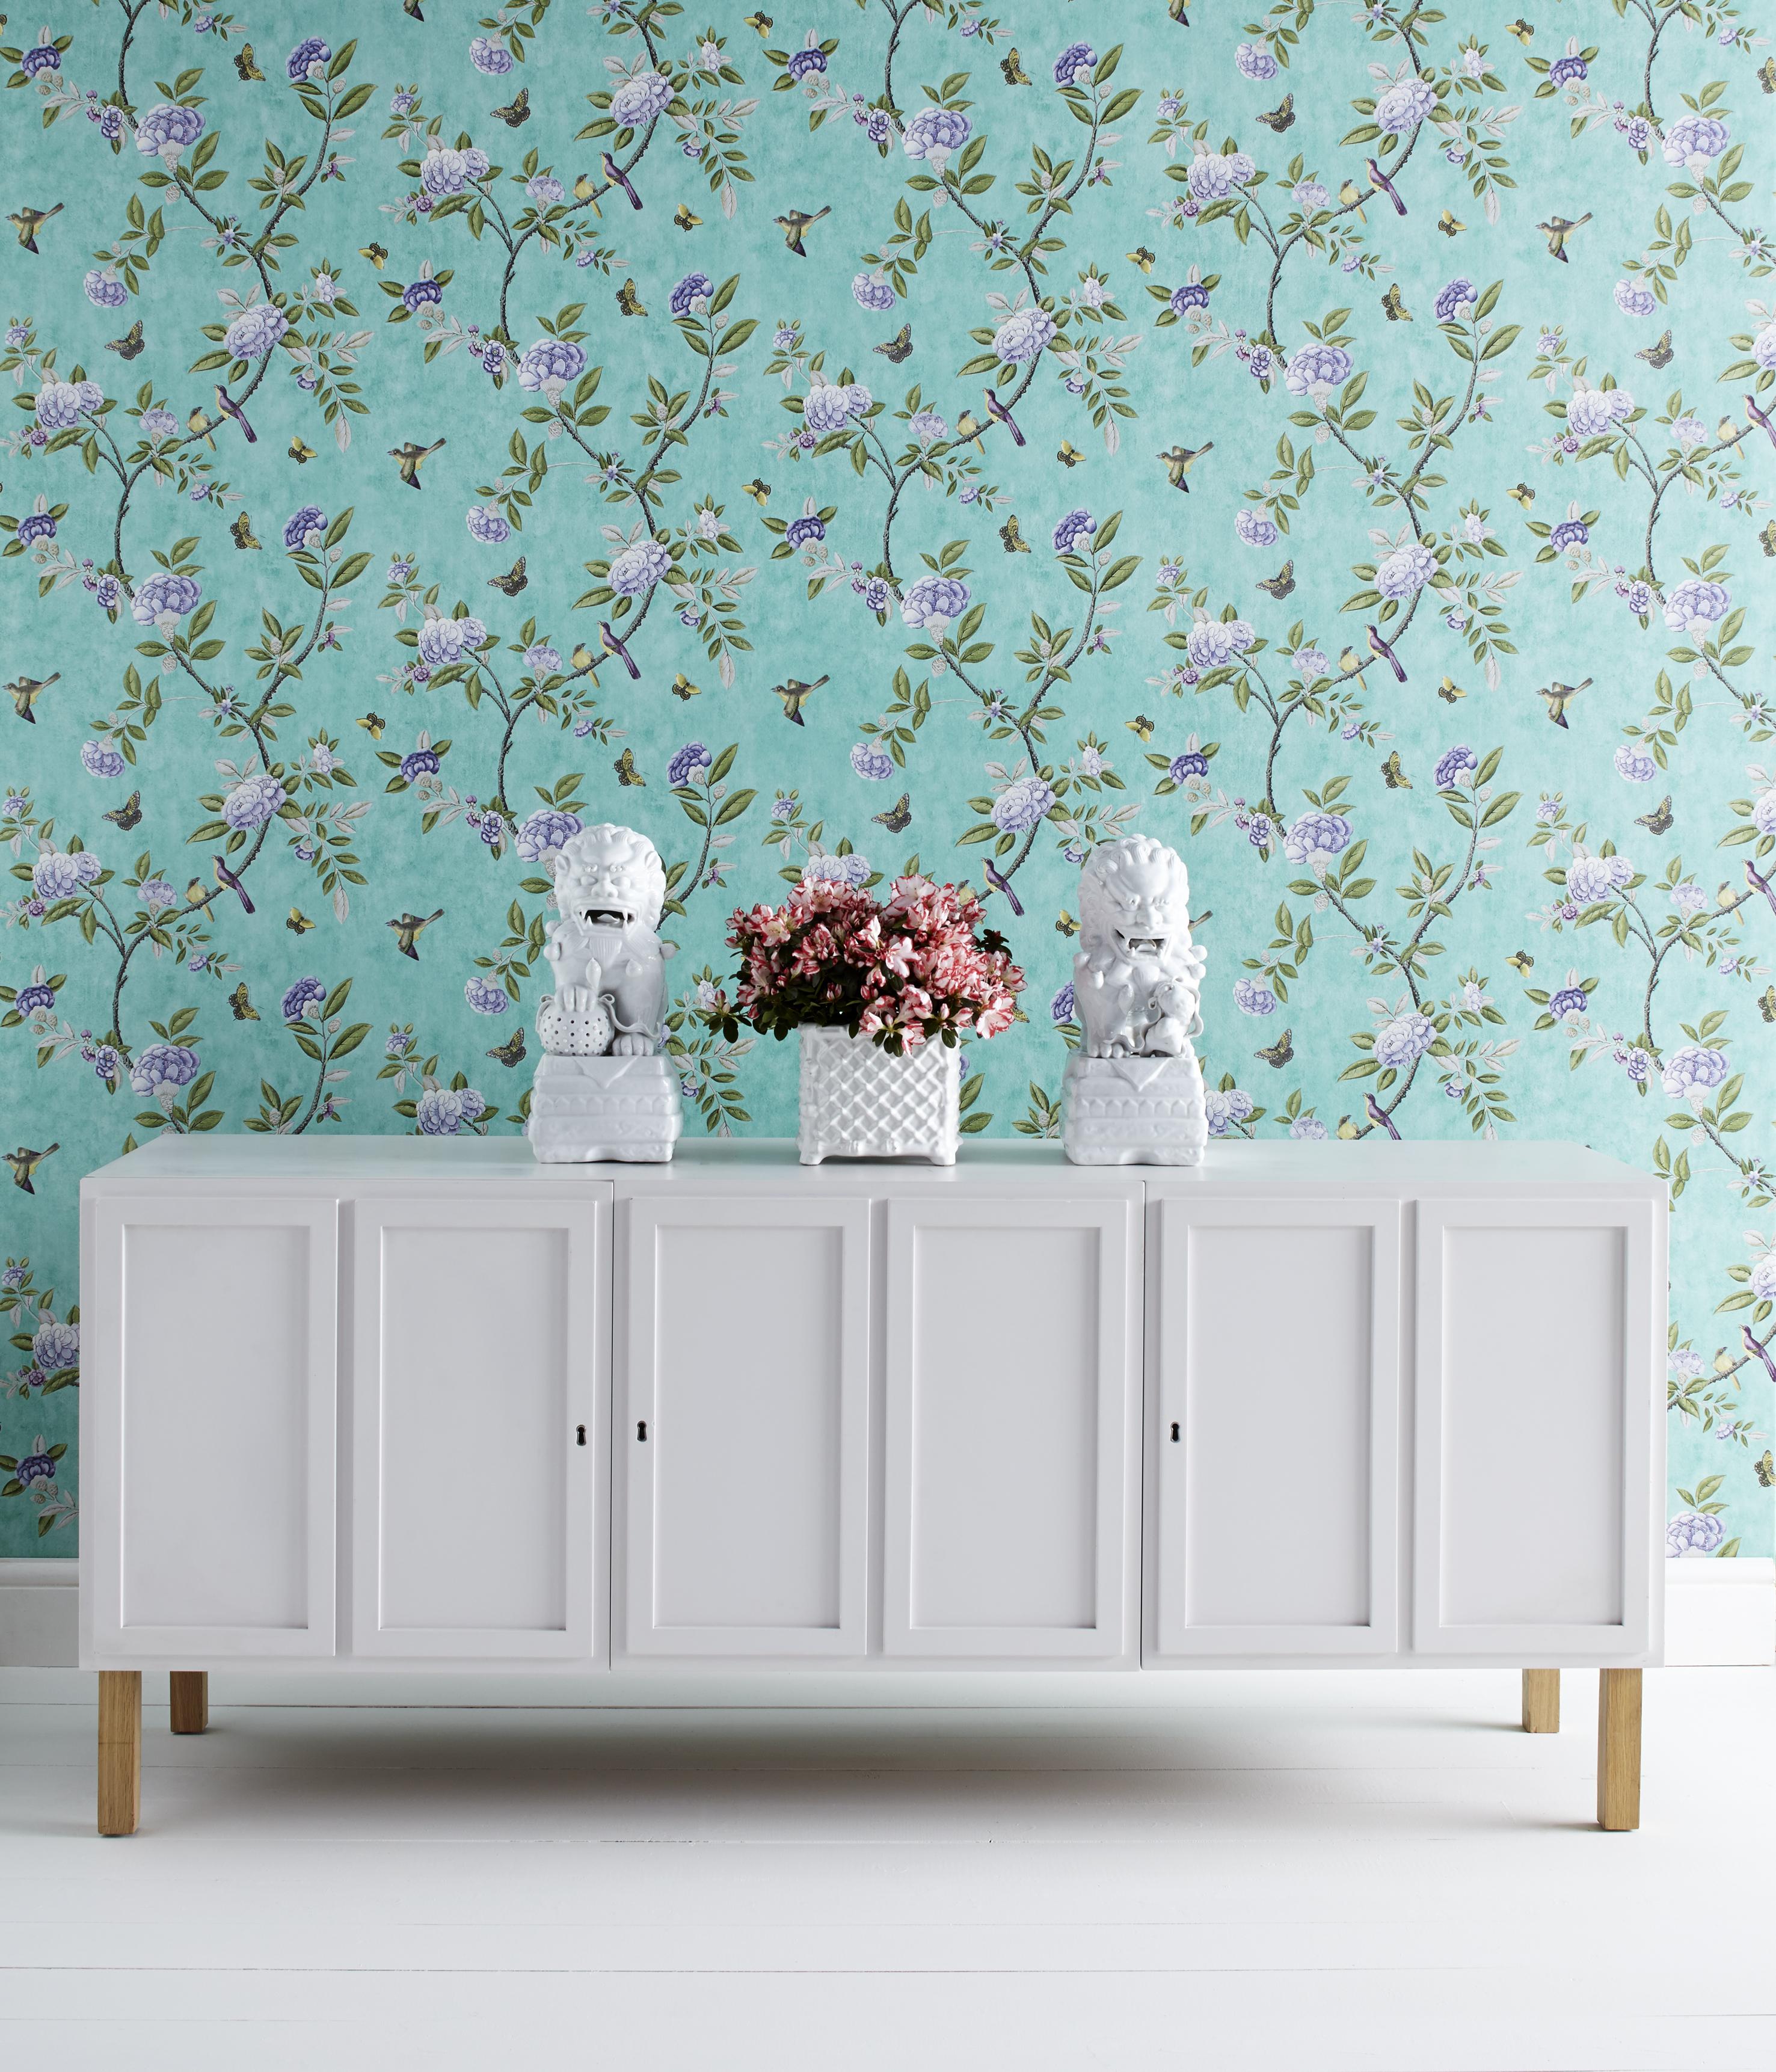 Modern behang inspiratie voor je interieur - Moderne woonkamer behang ...